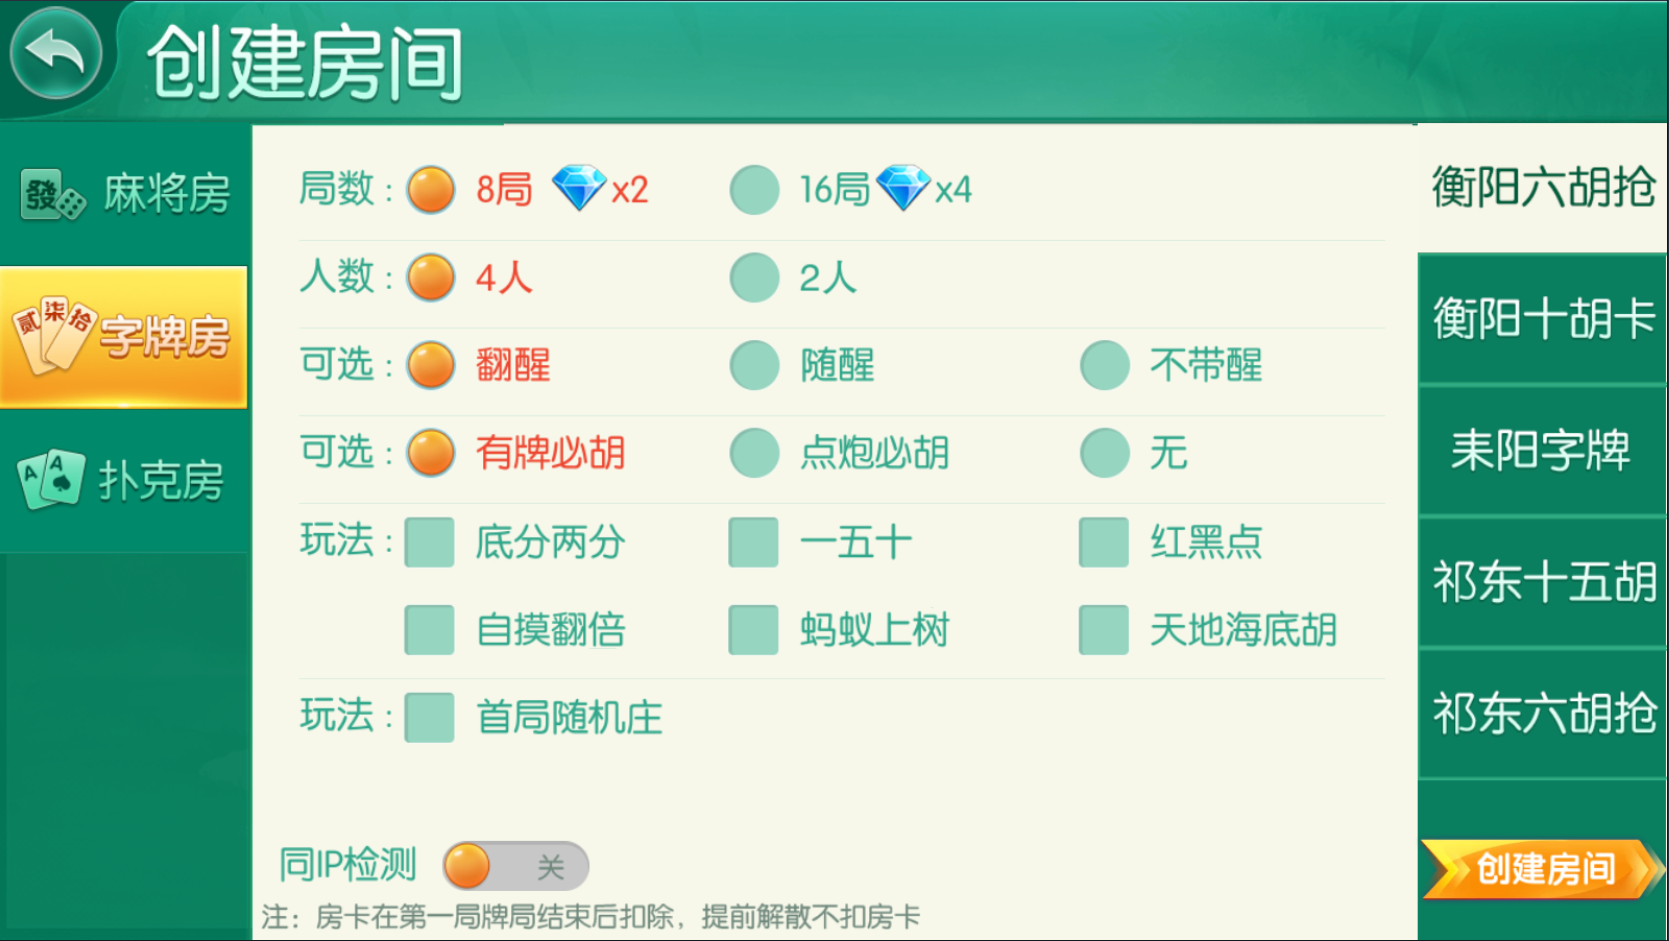 网狐二开跑胡子合集 麻将游戏 字牌游戏 扑克游戏 完整整理-第2张